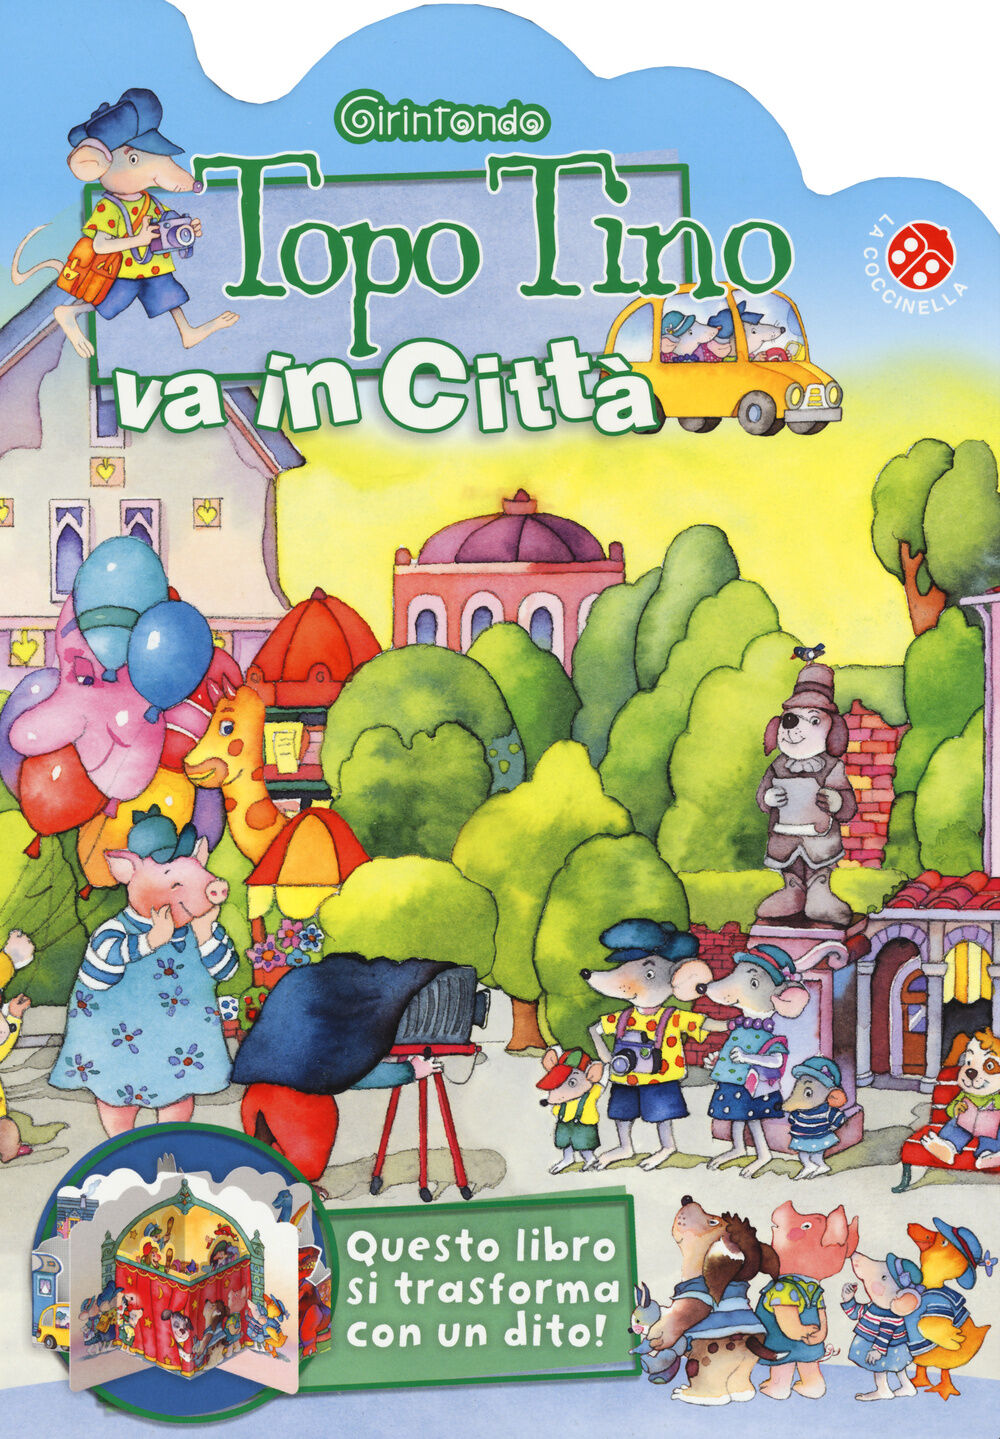 Topo Tino va in città